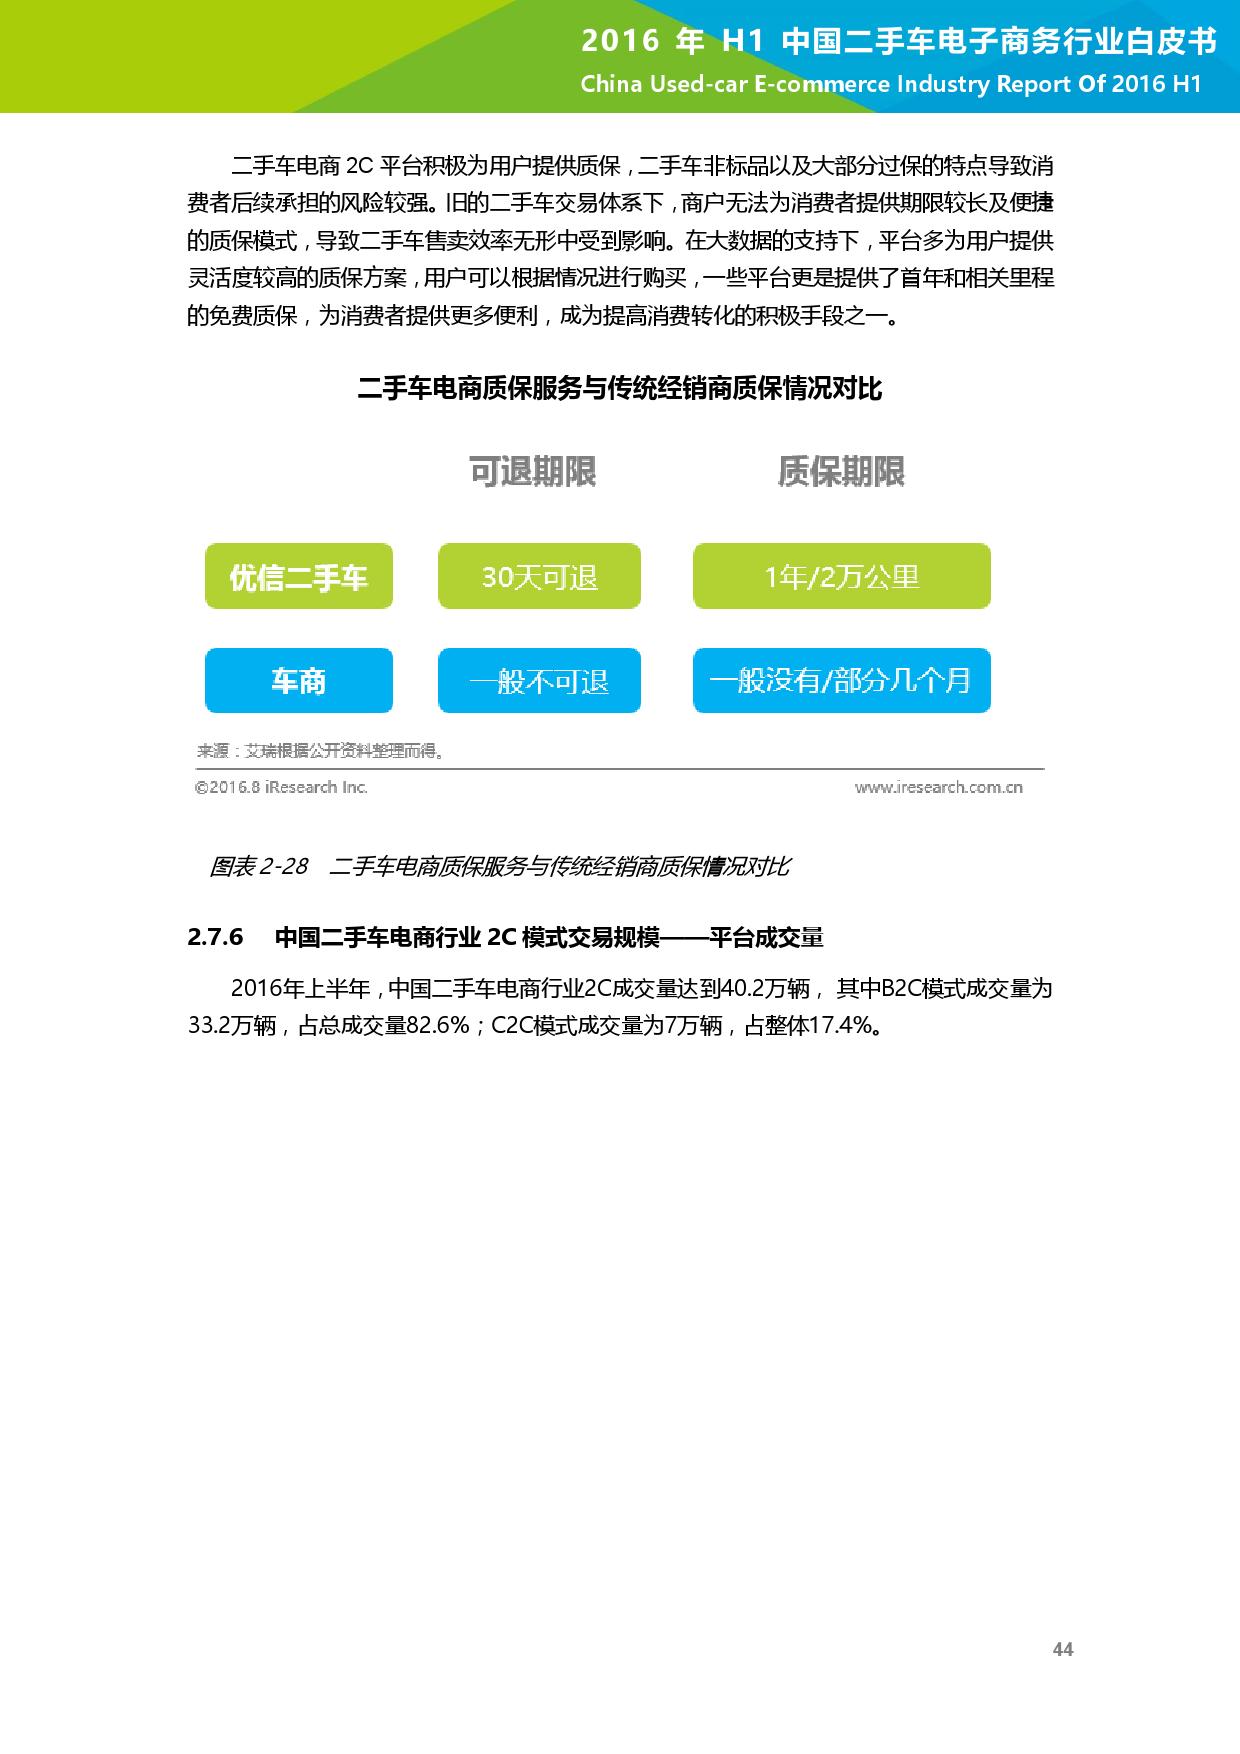 2016年H1中国二手车电子商务行业白皮书_000045